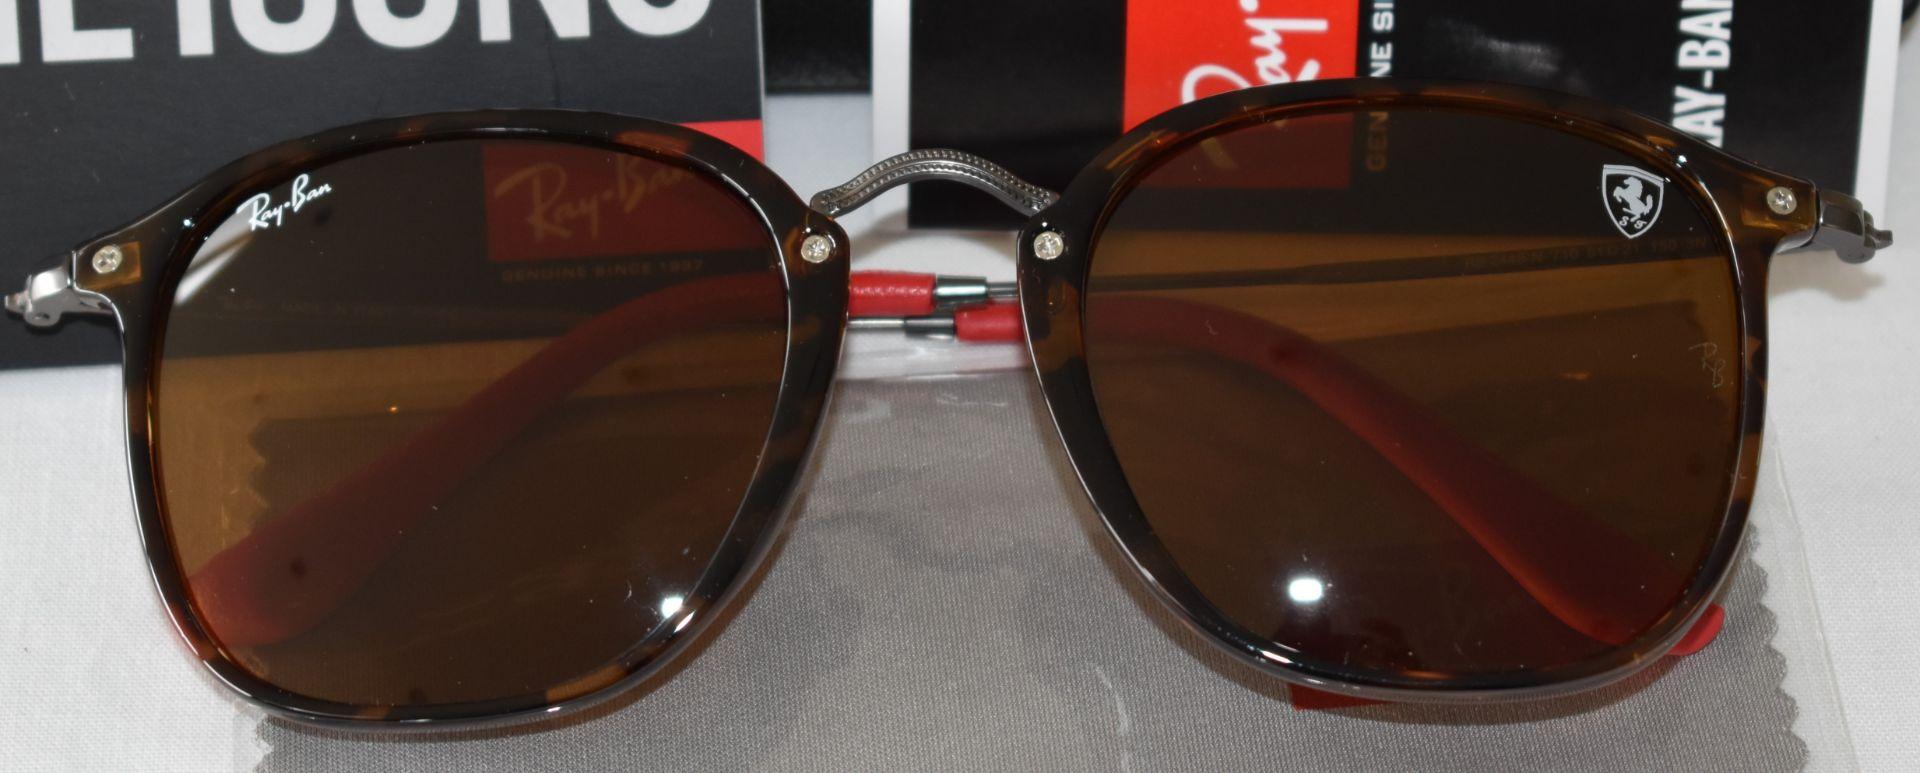 Ray Ban Sunglasses (Ferrari)ORB2448N 710 *3N - Image 2 of 4